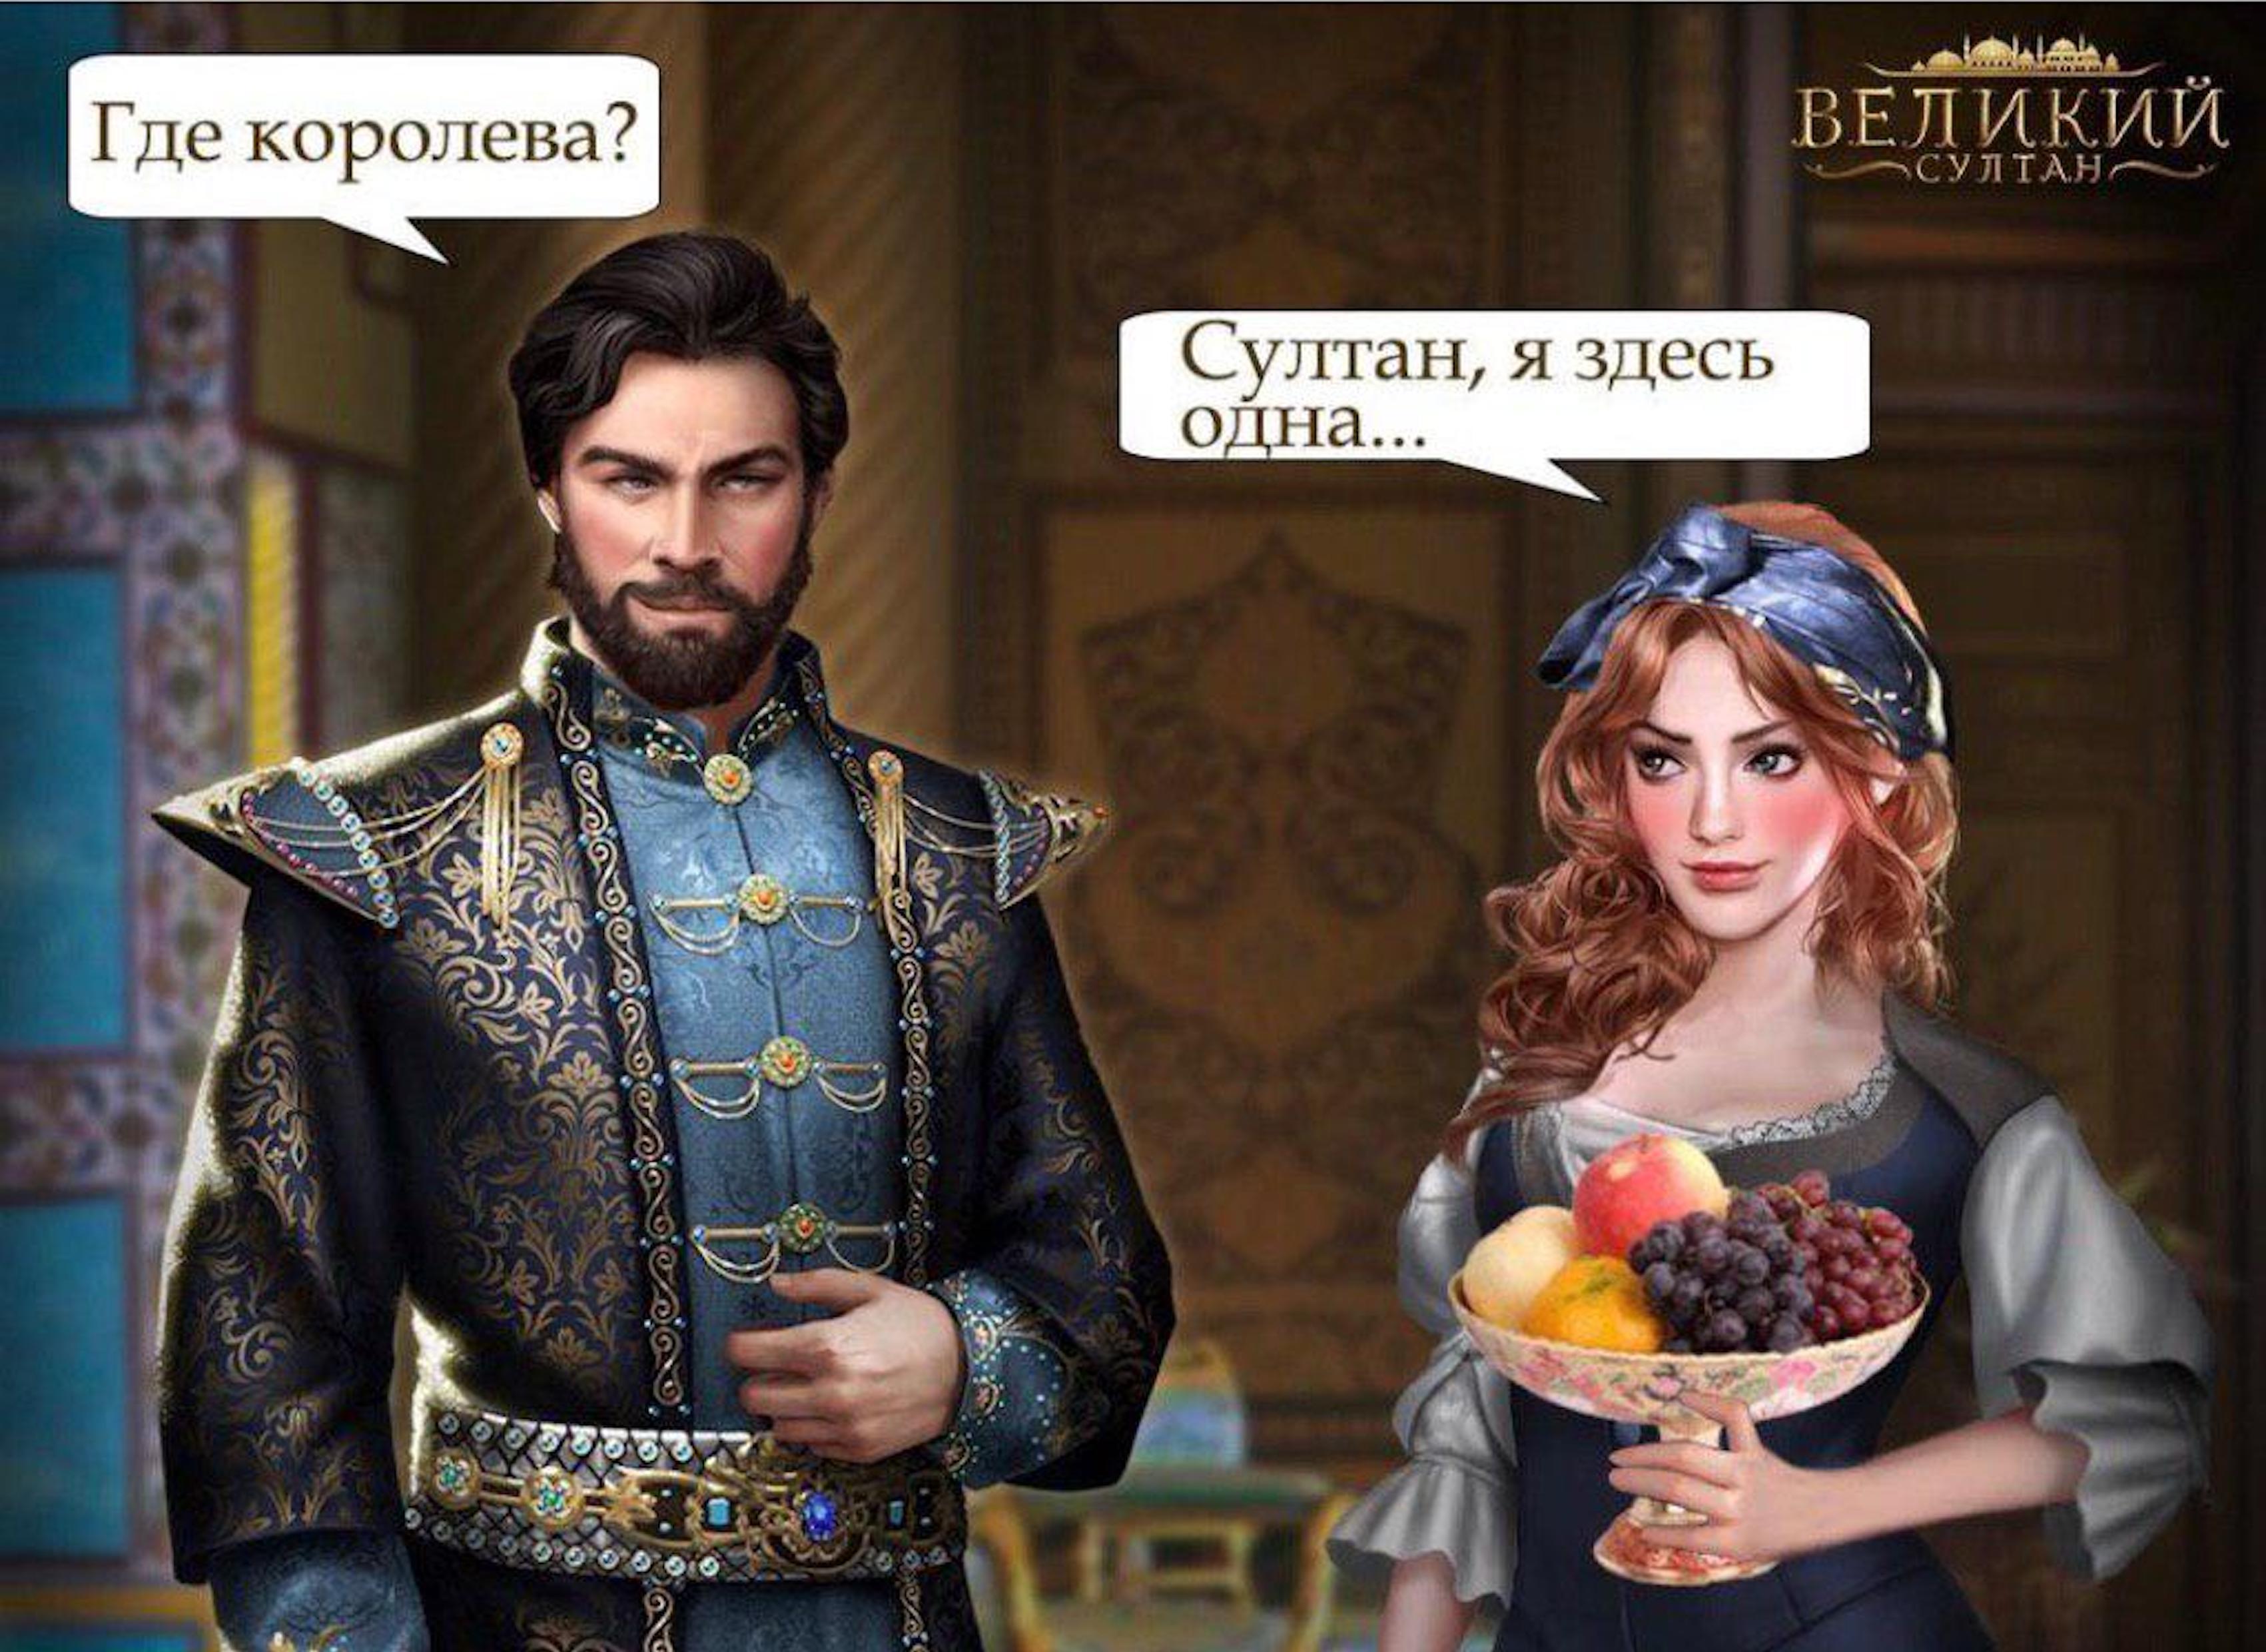 Смешные картинки про великий султан, вологда